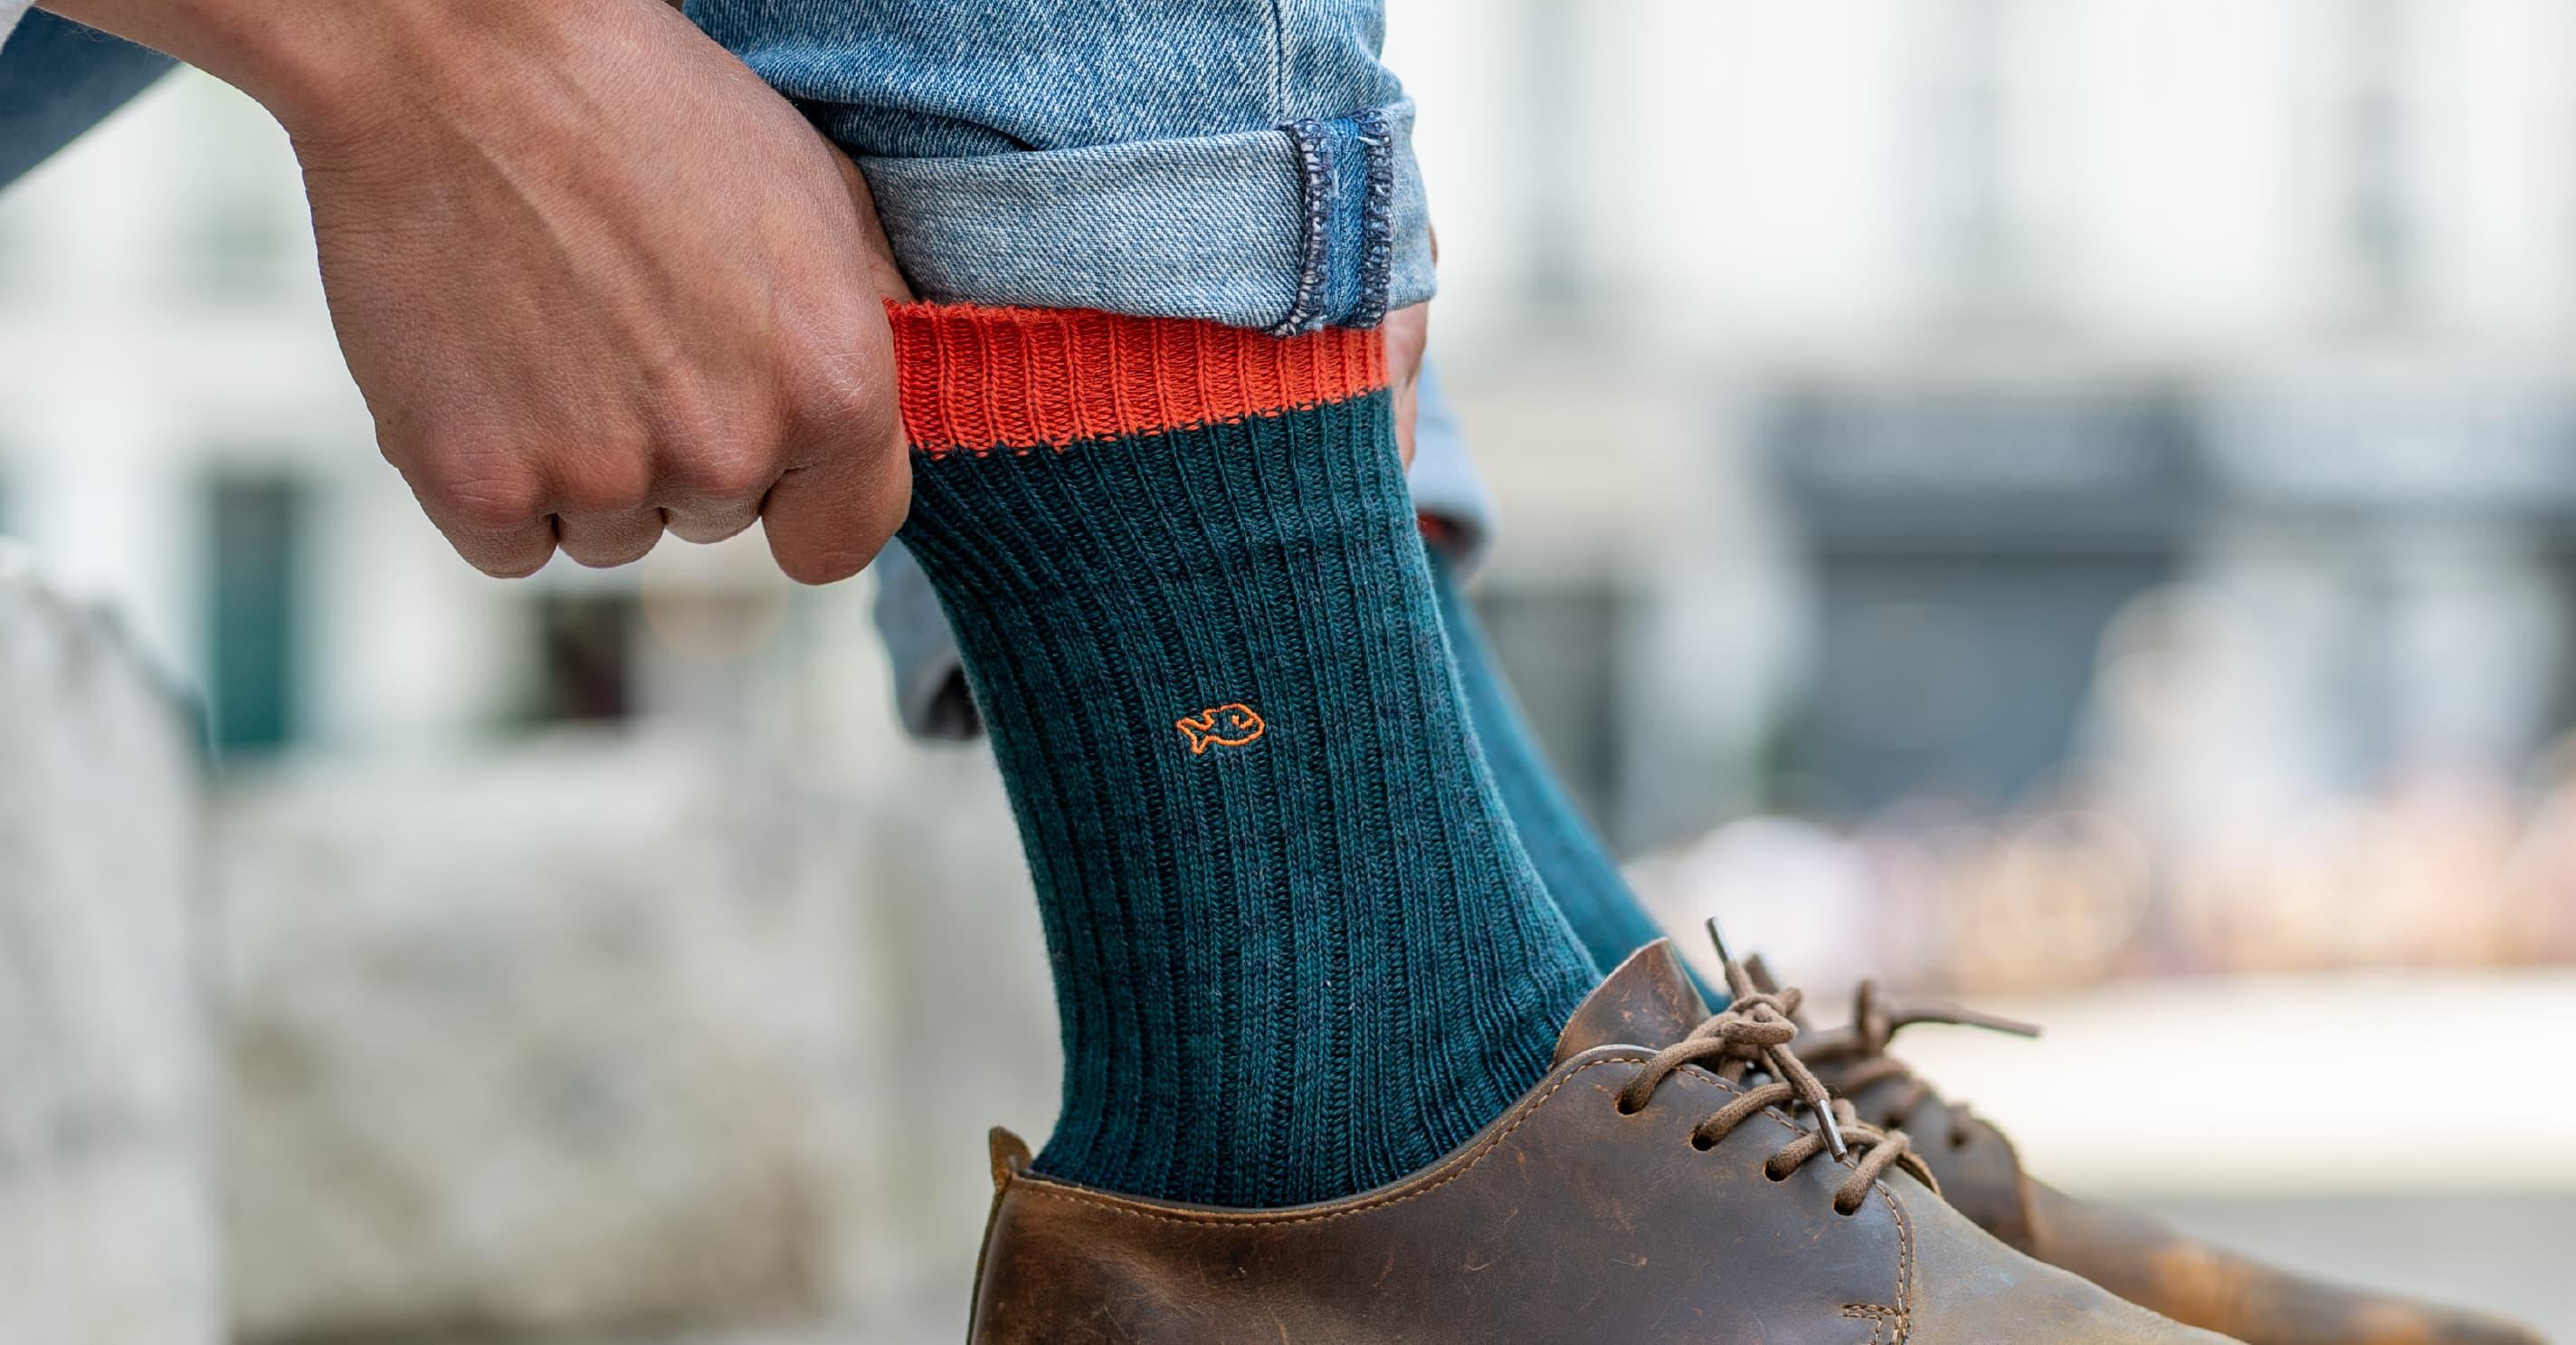 Les chaussettes épaisses pour homme sont des chaussettes qui vous protègent du froid .Tricotées avec du coton chiné (fibres de coton de deux tons) en côtes, elles sont élégantes et très confortables.  Les chaussettes épaisses en coton pour homme sont fabriquées majoritairement avec de la fibre naturelle de coton de grande qualité. Le coton est une matière qui régule la température de vos pieds, qui les protège des frottements et qui réduit également les mauvaises odeurs.   Elles sont agréables à porter en automne ou en hiver avec des chaussures de ville, des chaussures montantes ou des bottines.